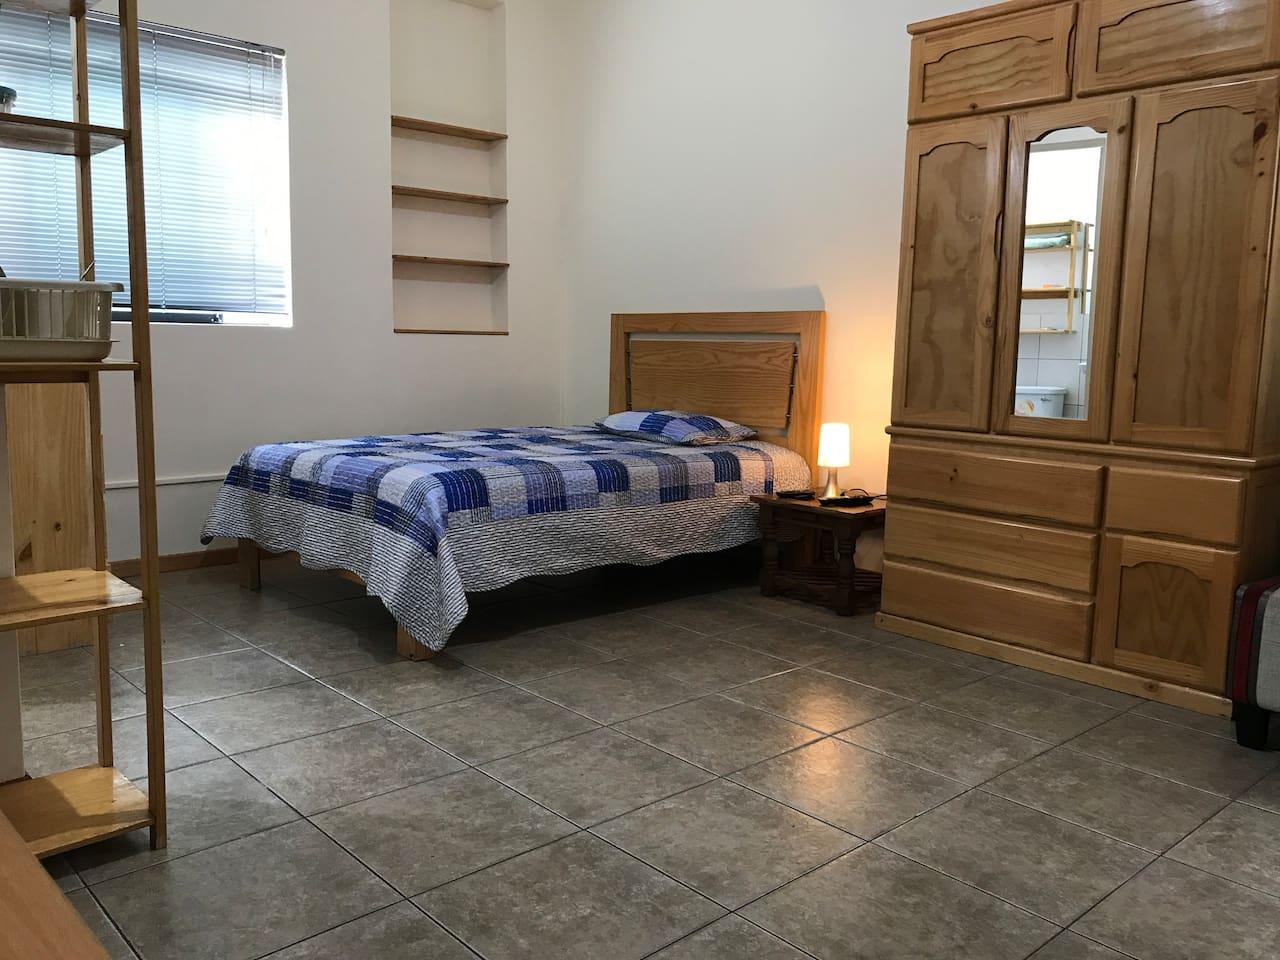 Vista con la cama y muebles